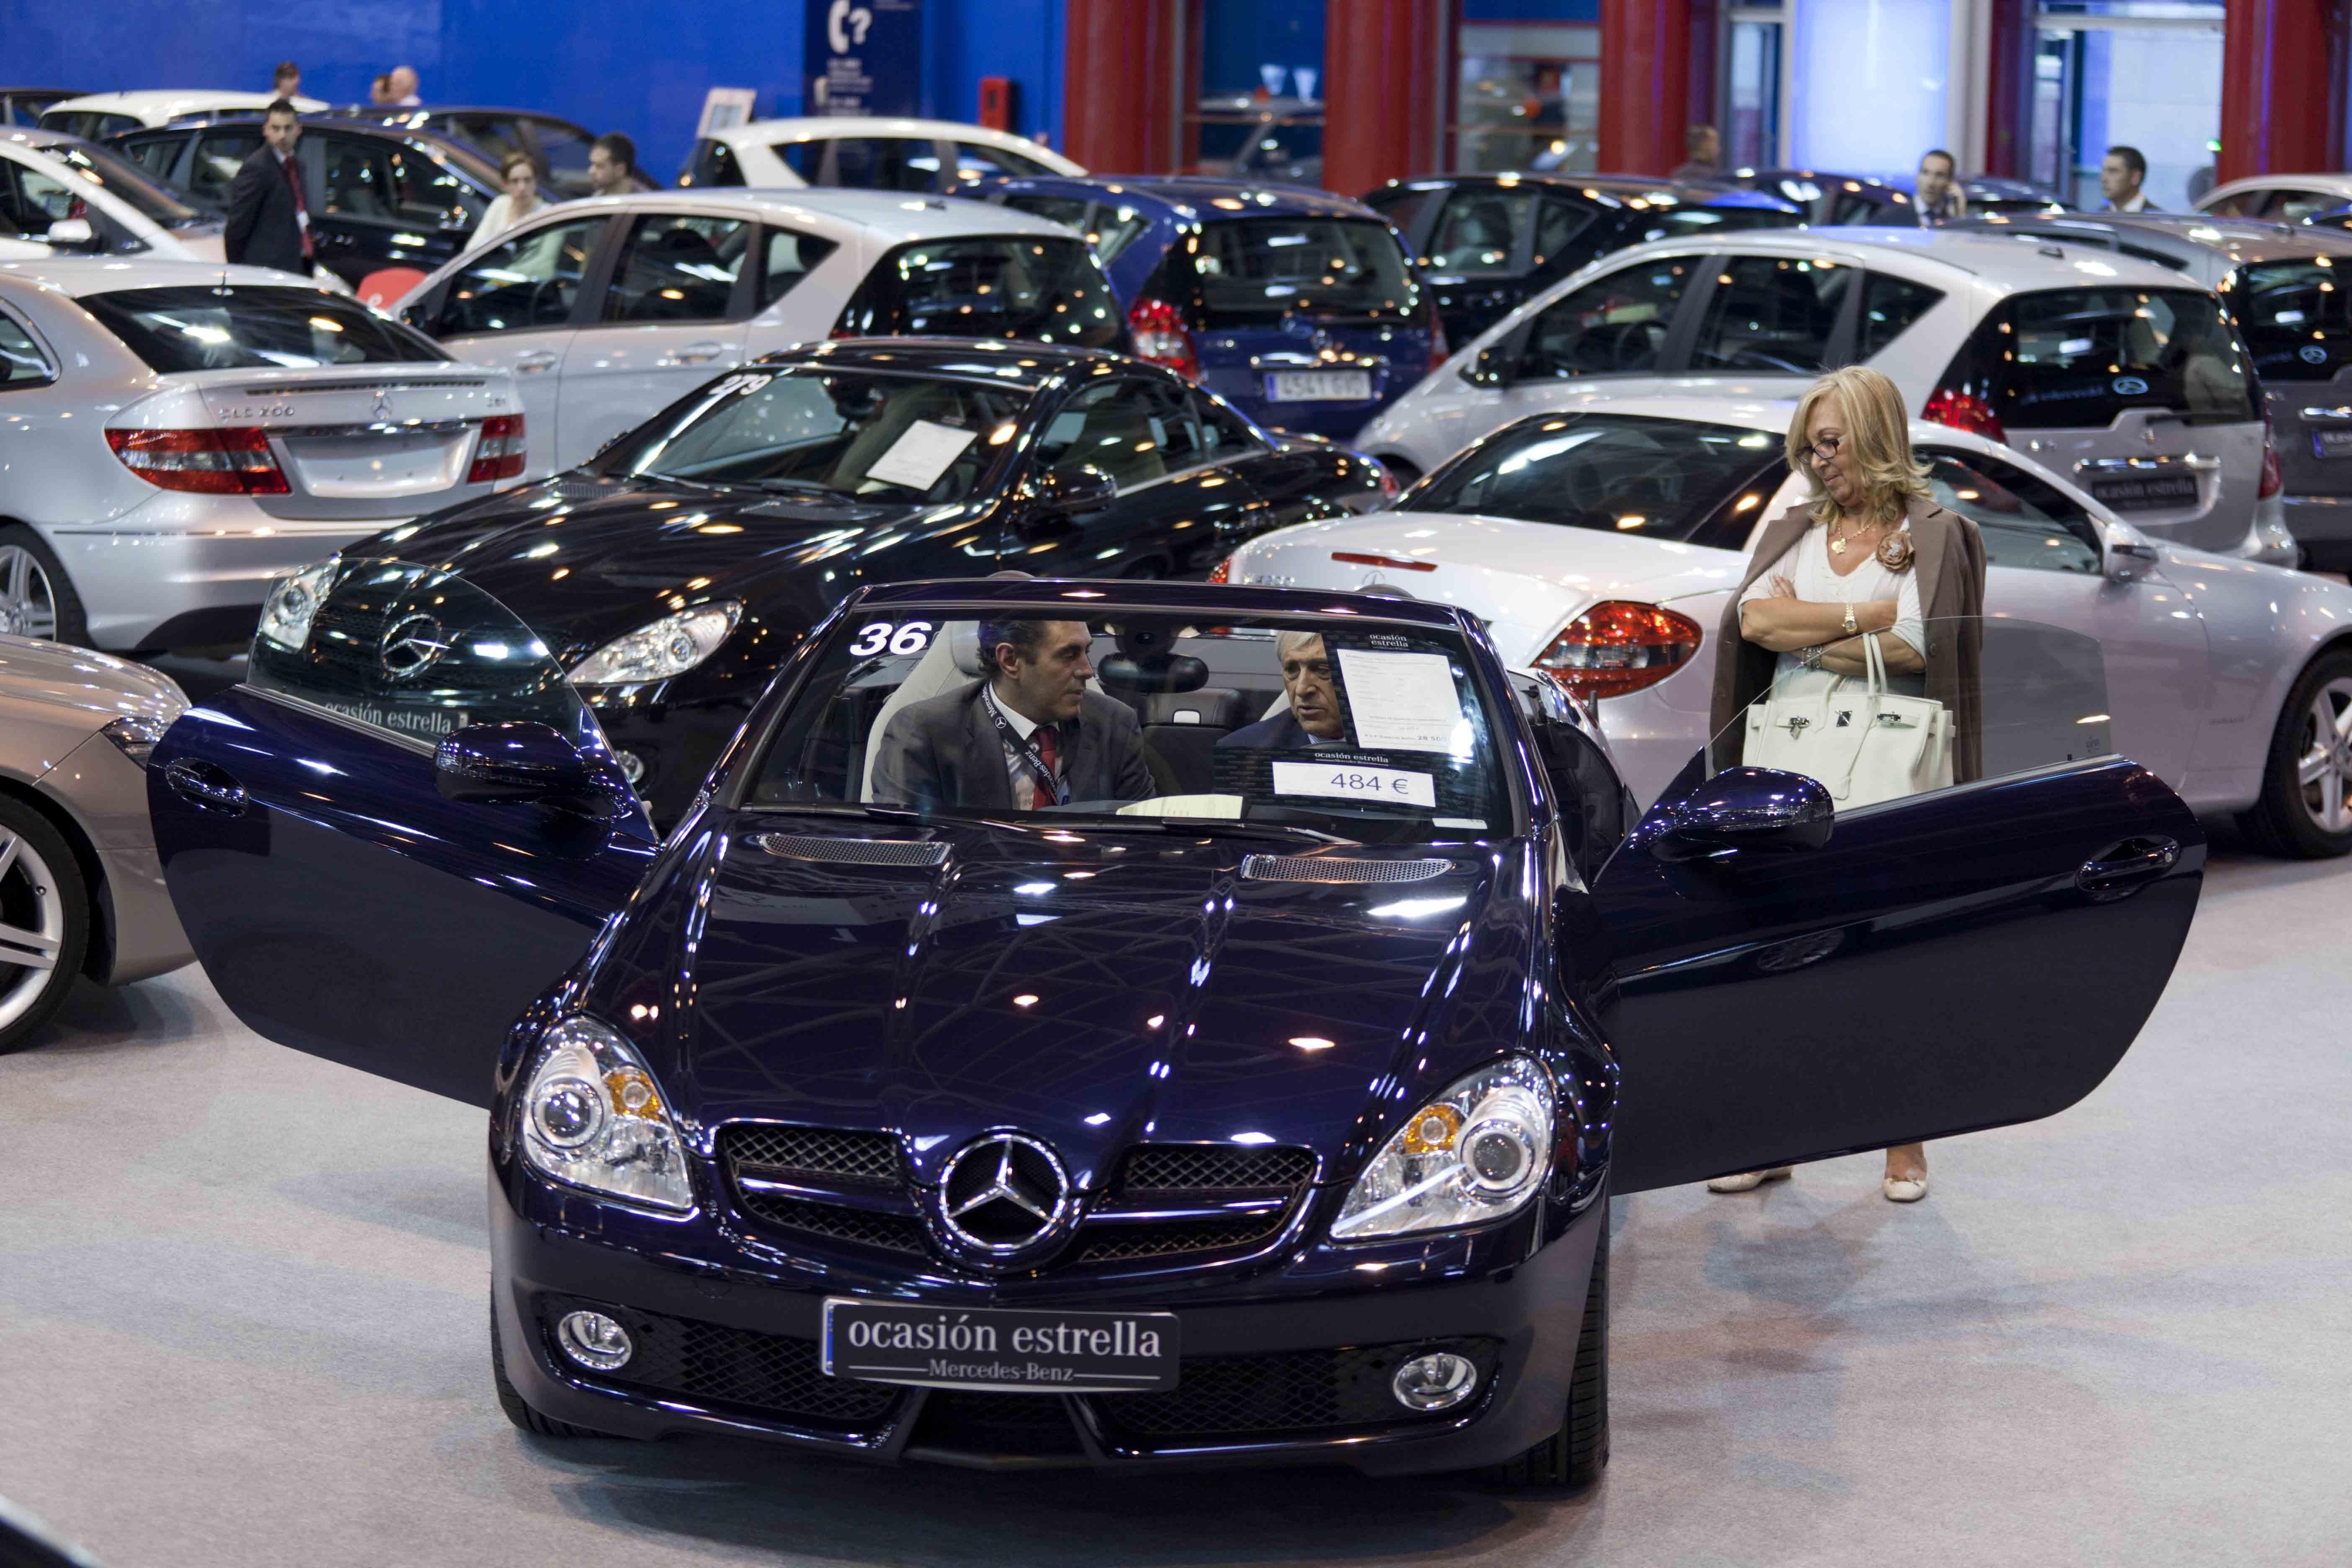 Las ventas de coches se estabilizan en junio, con una caída del 0,7%